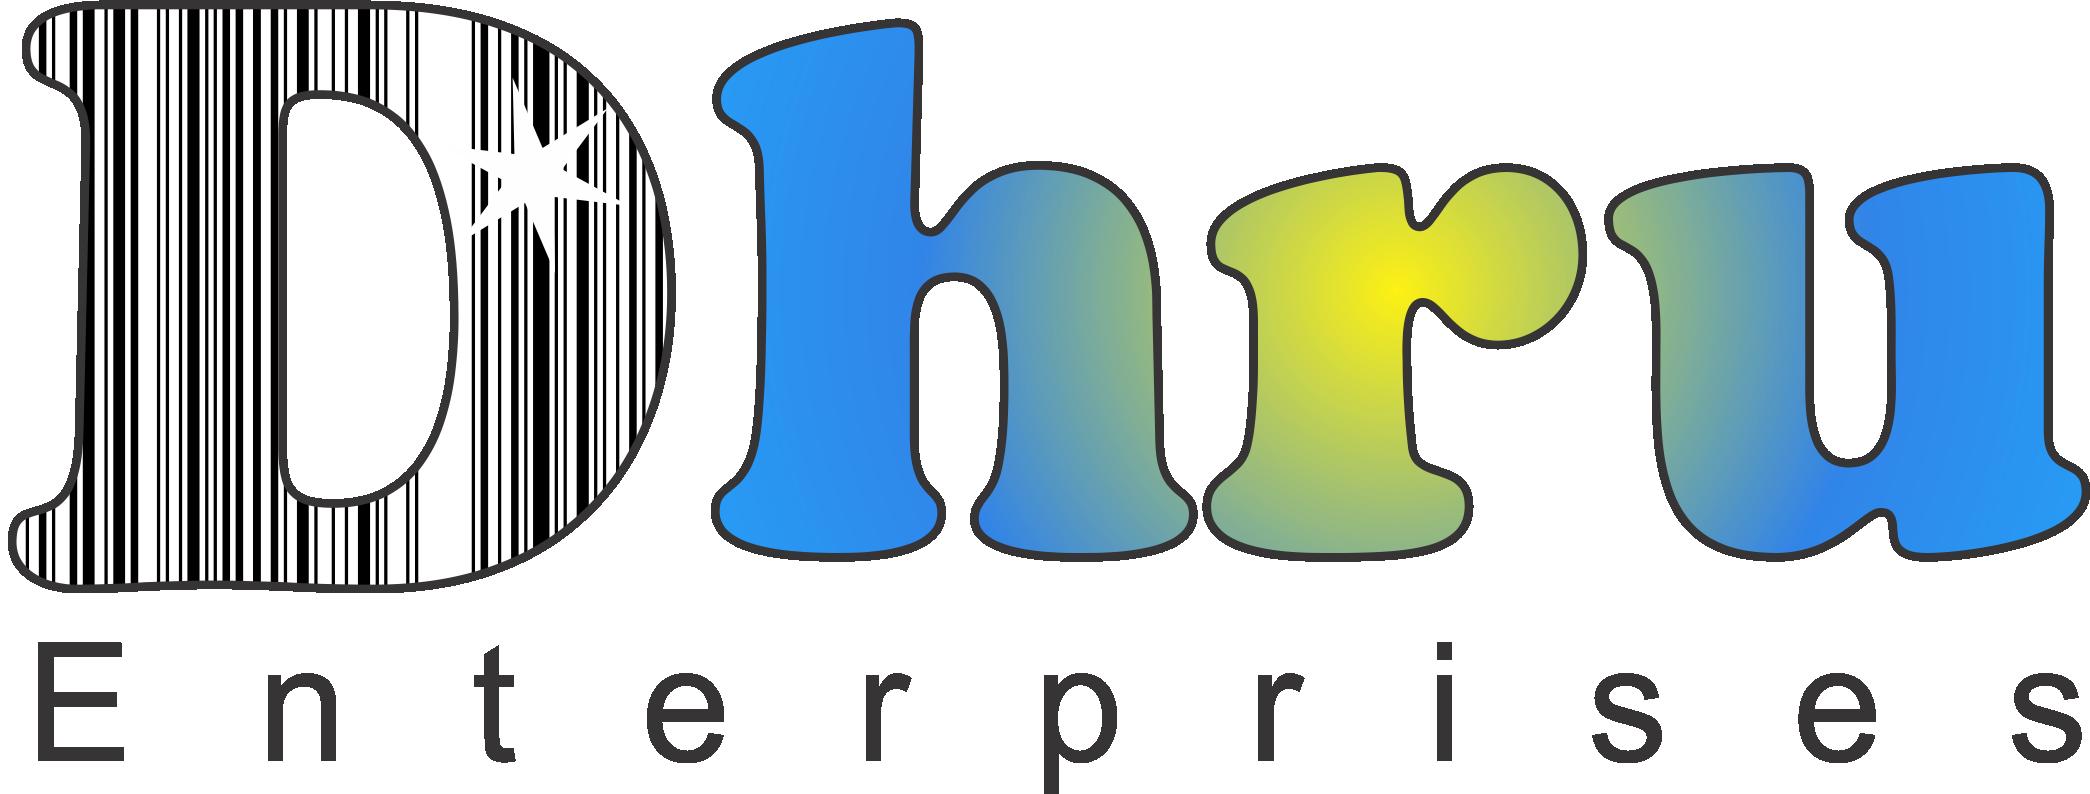 Dhru Enterprises